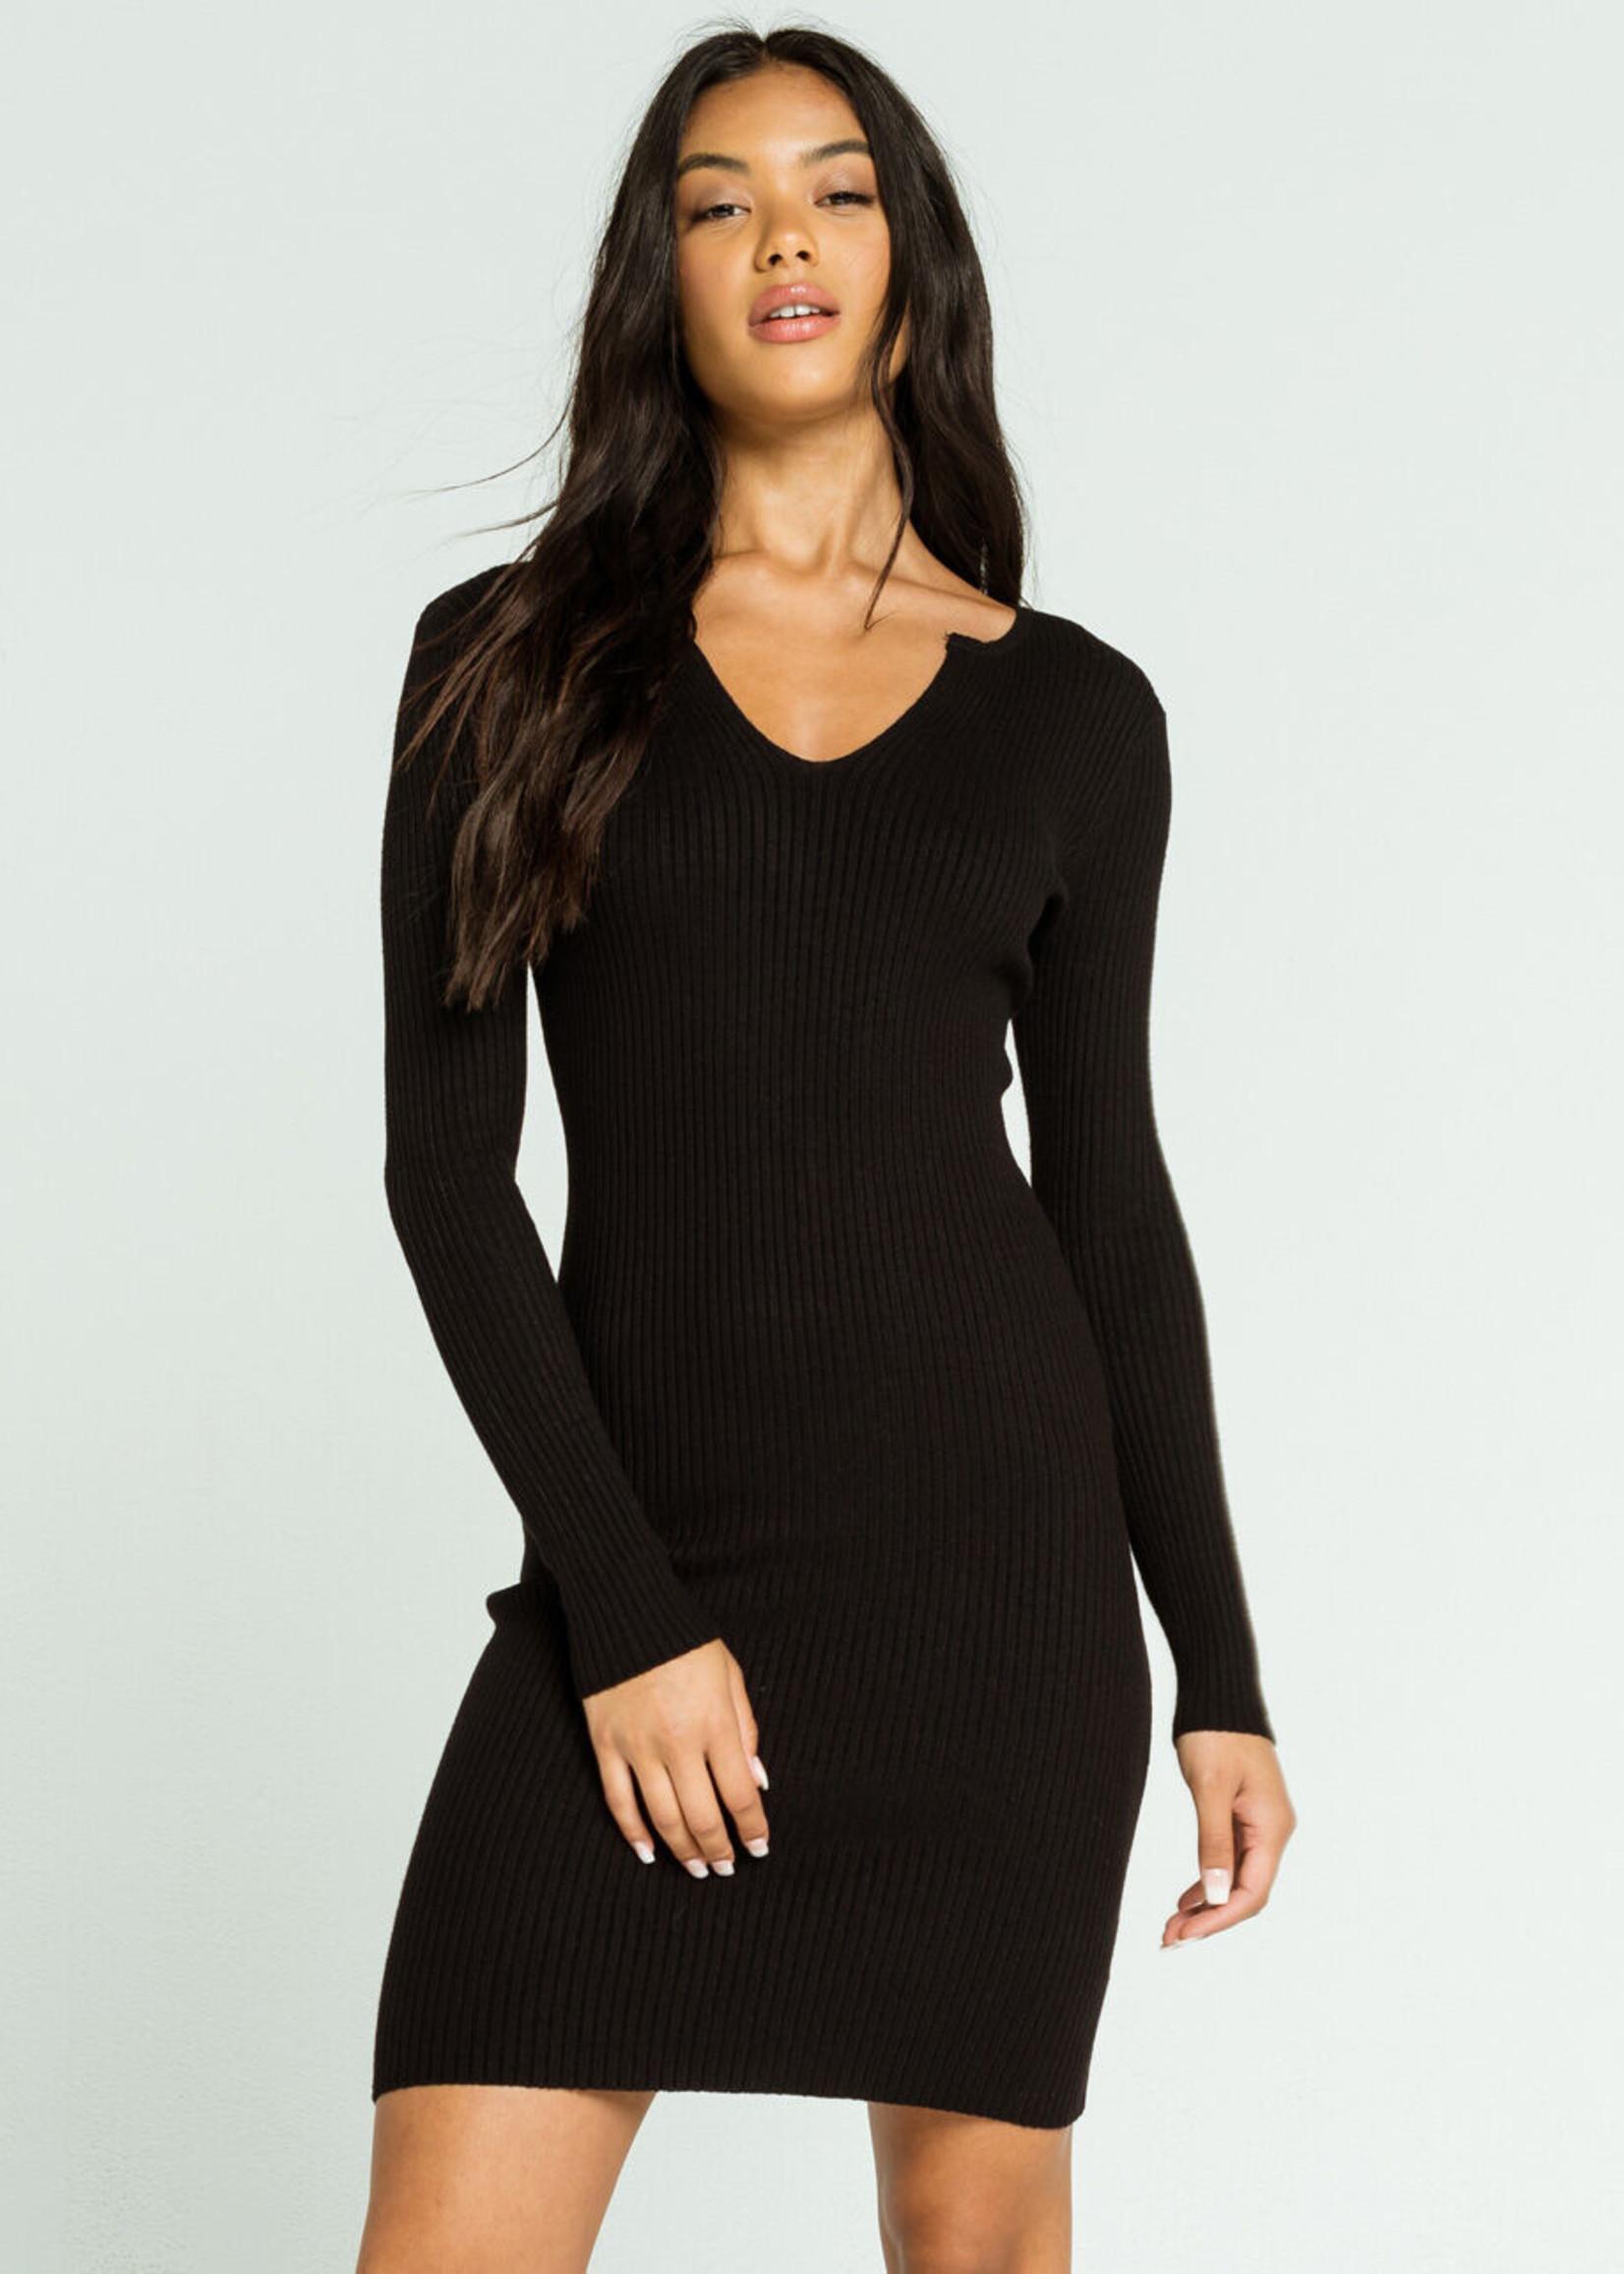 LeBLANC finds V-Neck Knit Dress